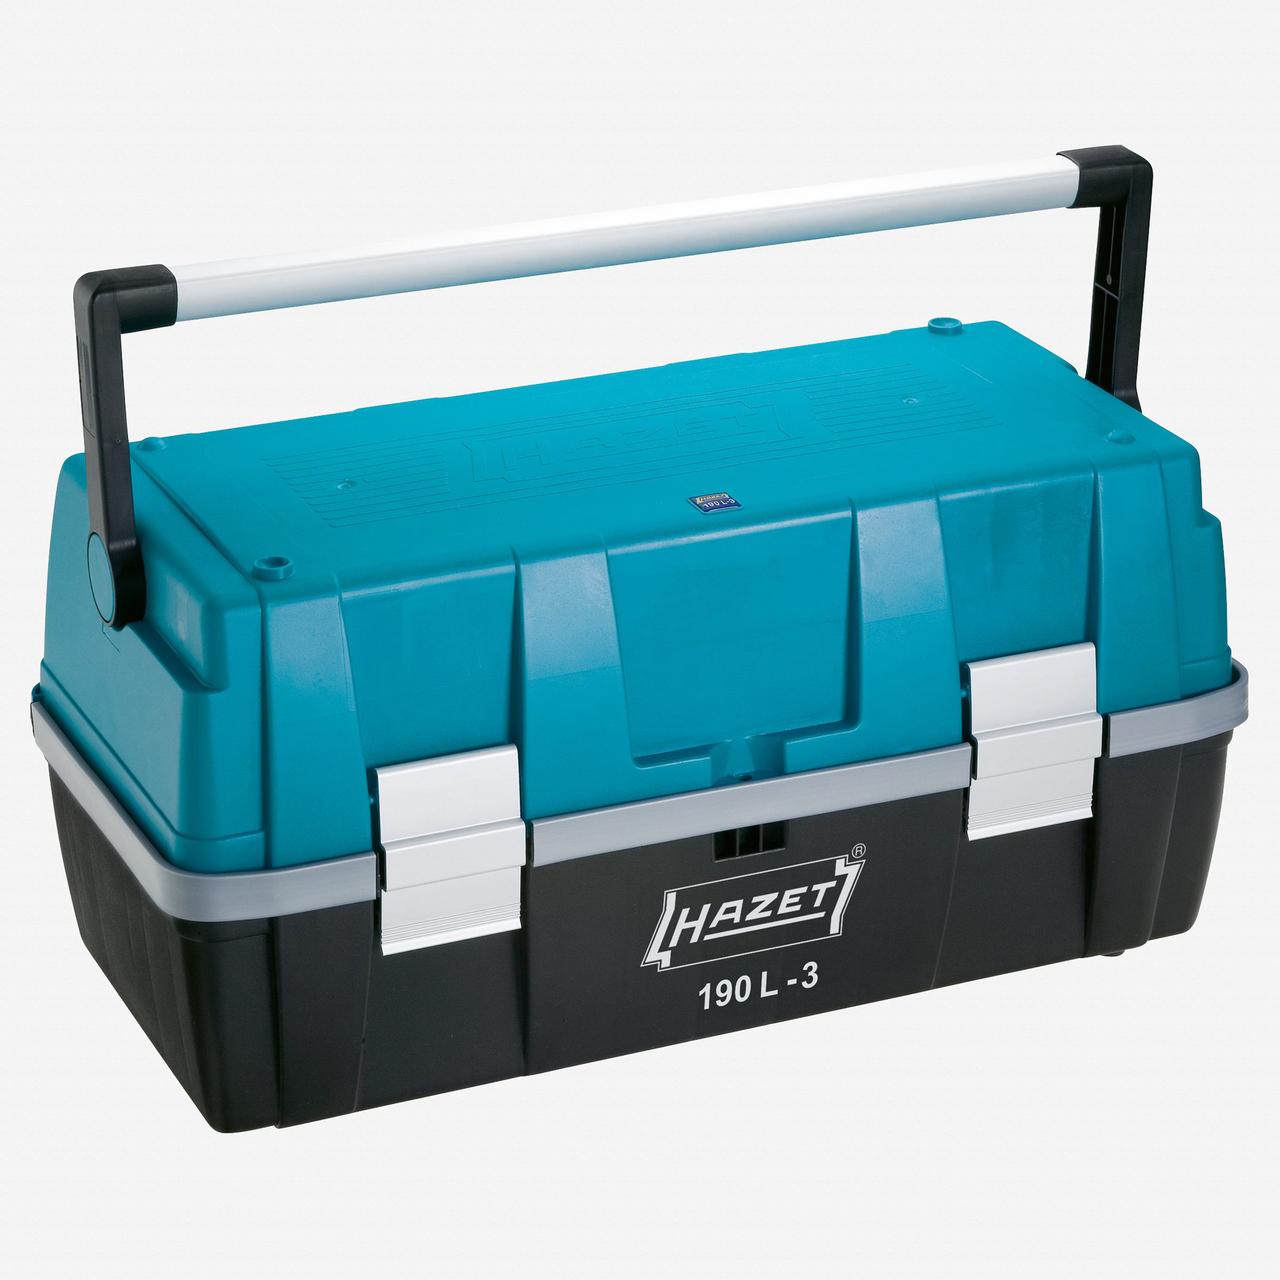 Hazet 190L-3 Plastic tool box - 270 x 550 x 250mm - KC Tool